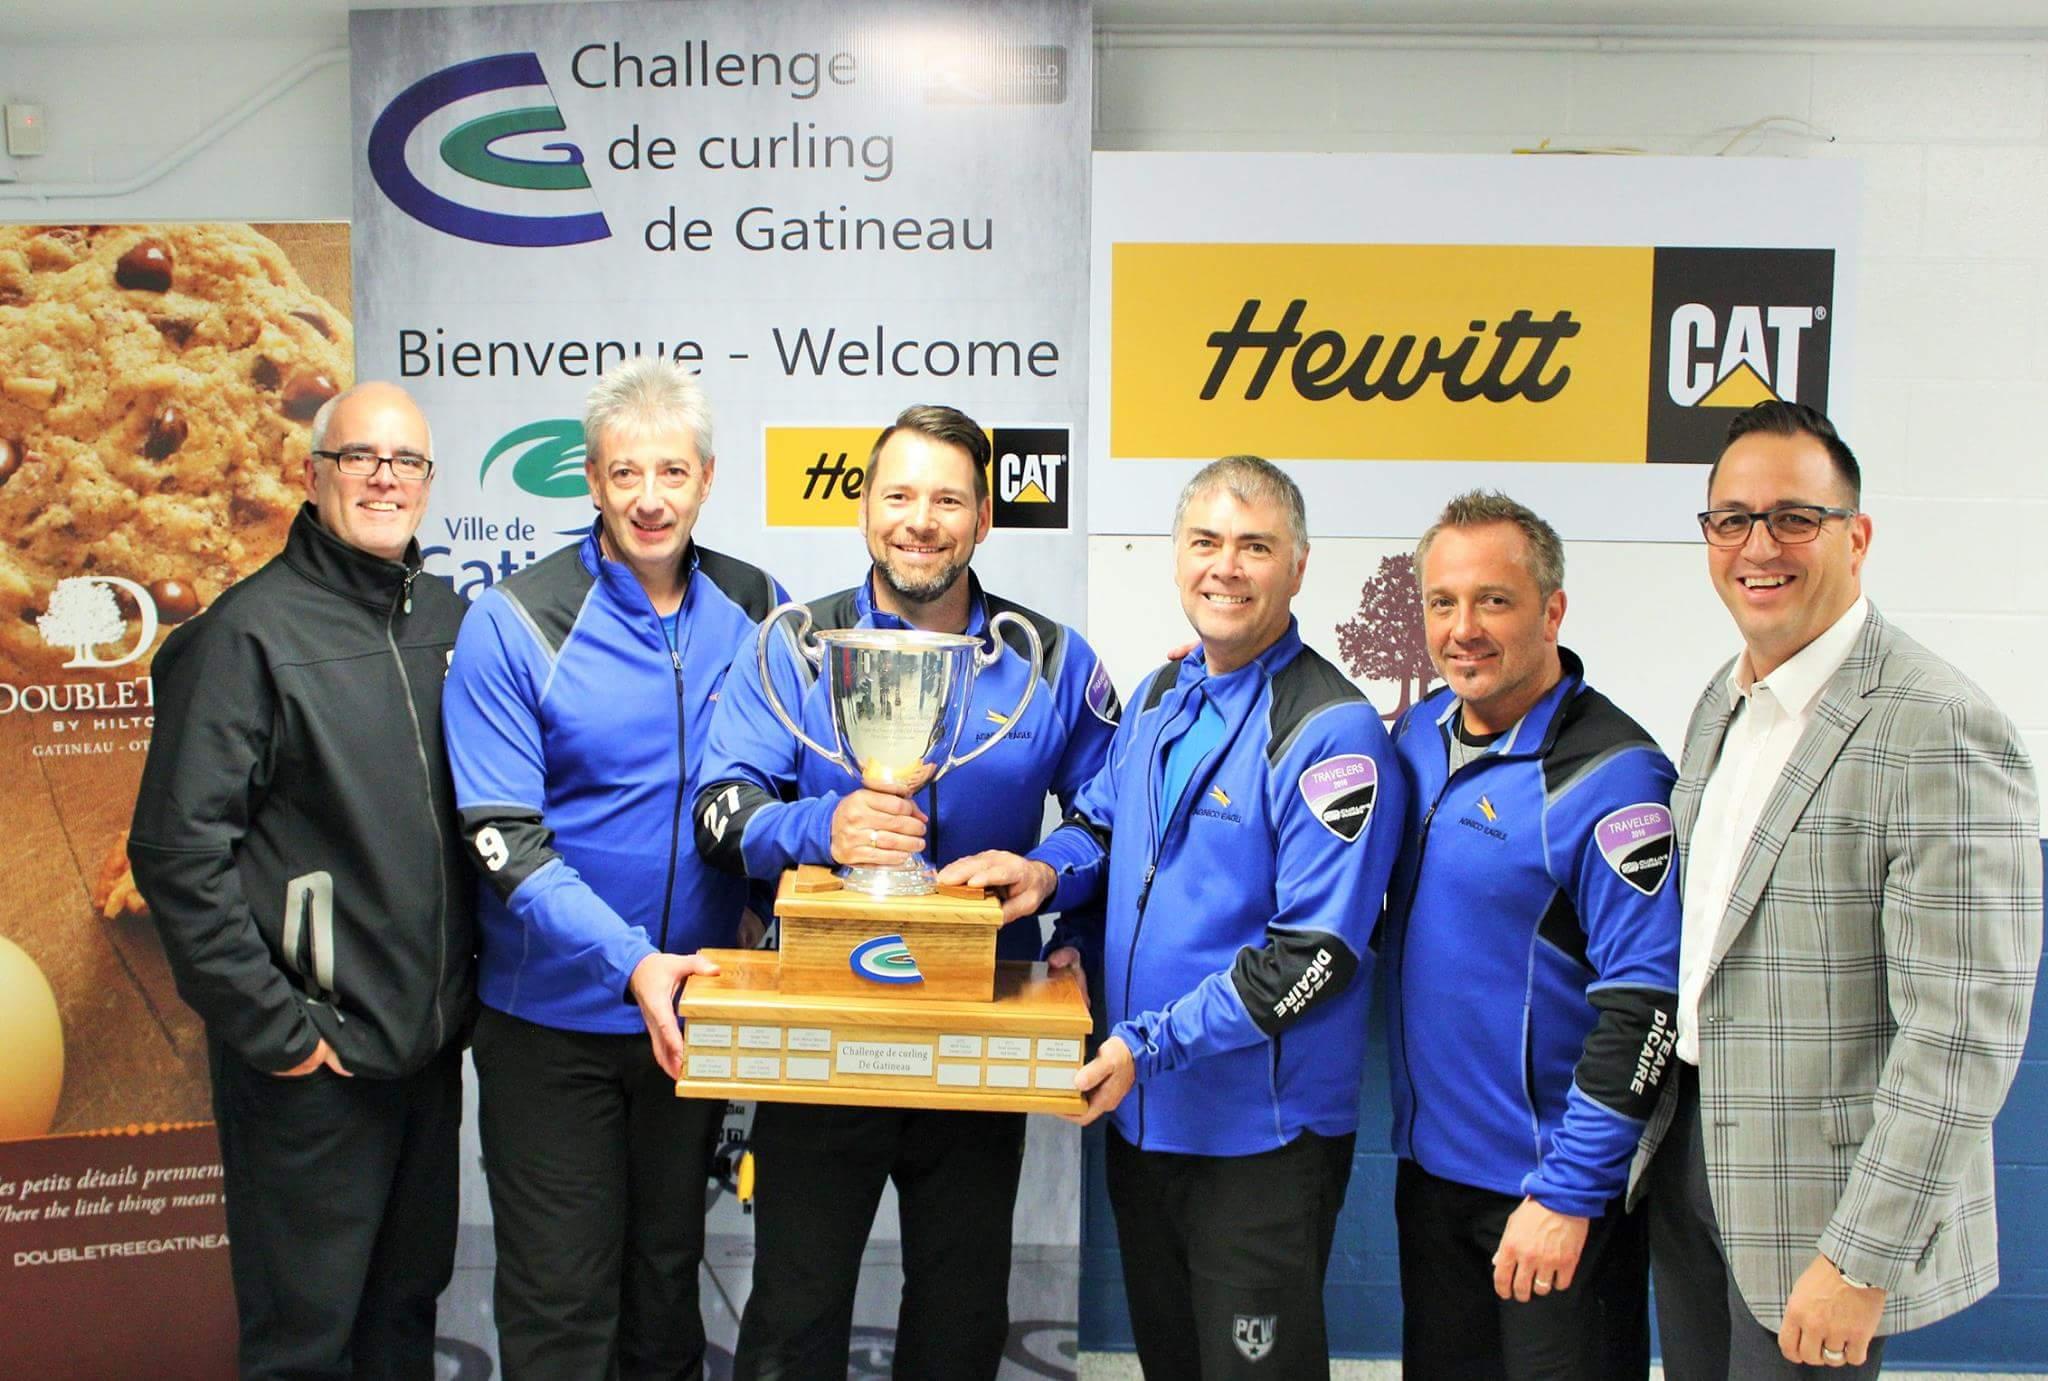 Sylvain Dicaire wins Challenge de Curling de Gatineau Open